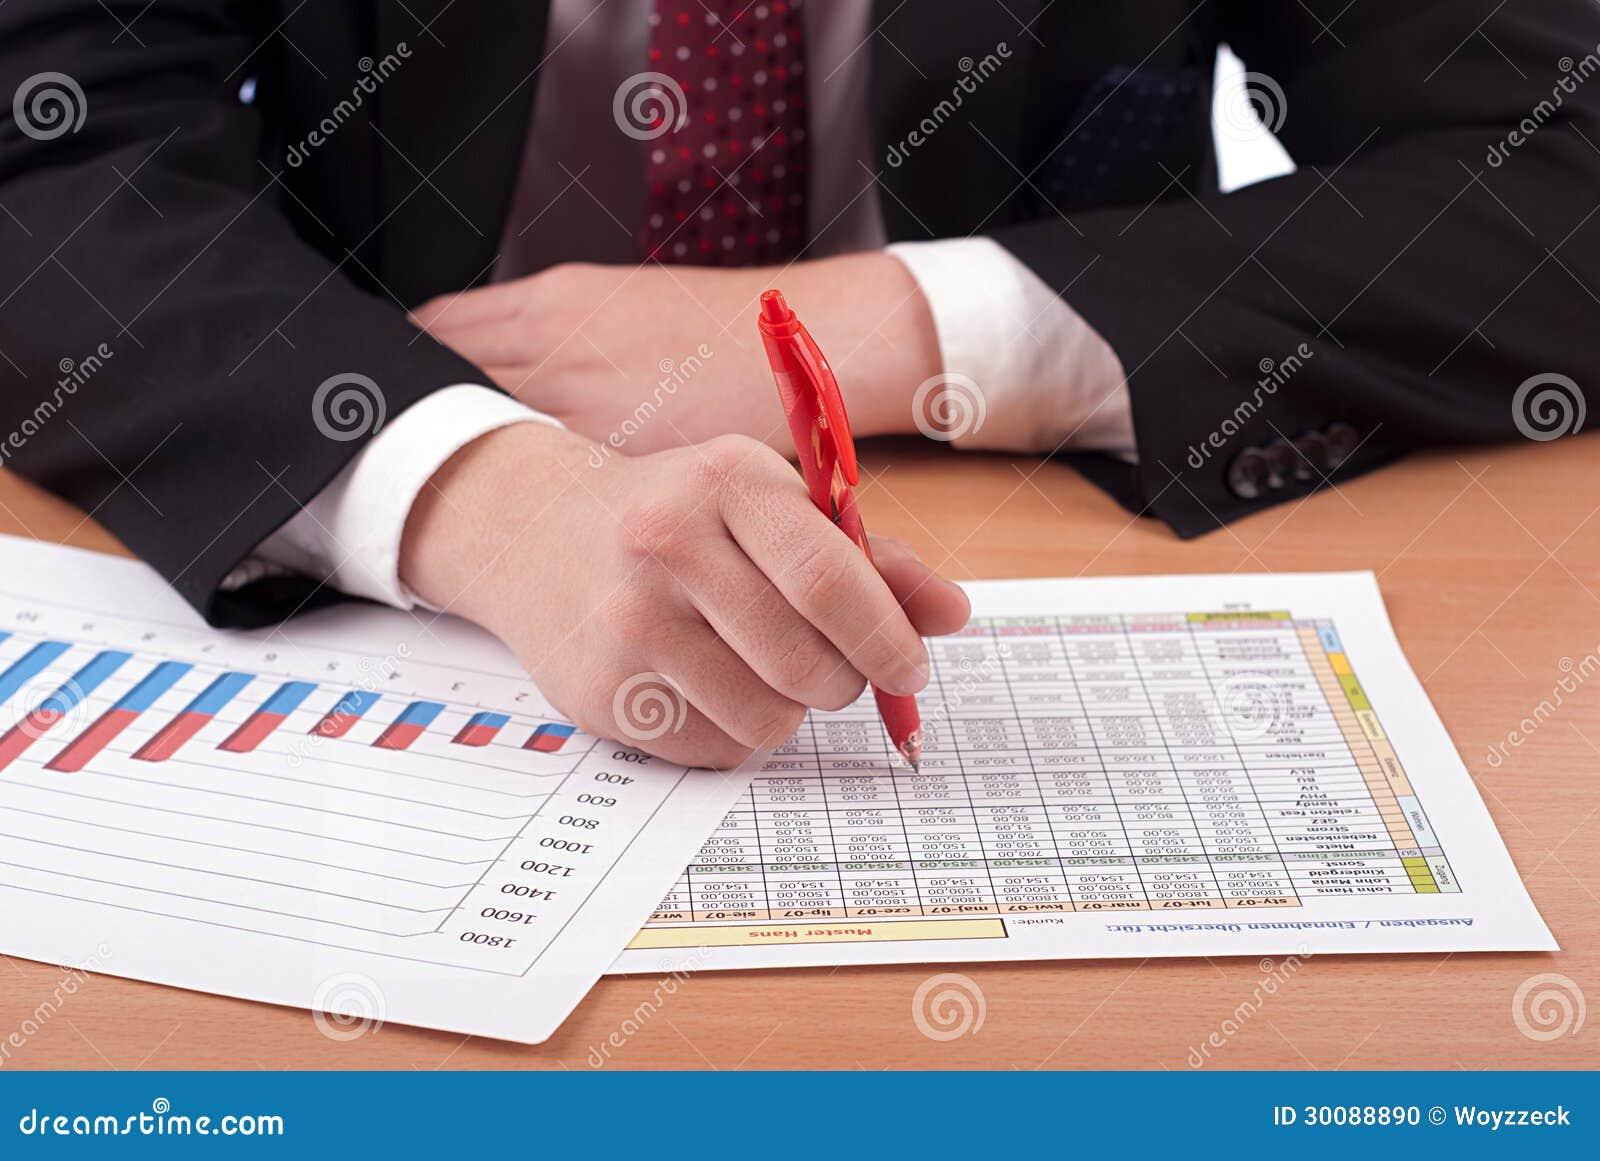 Finance essays